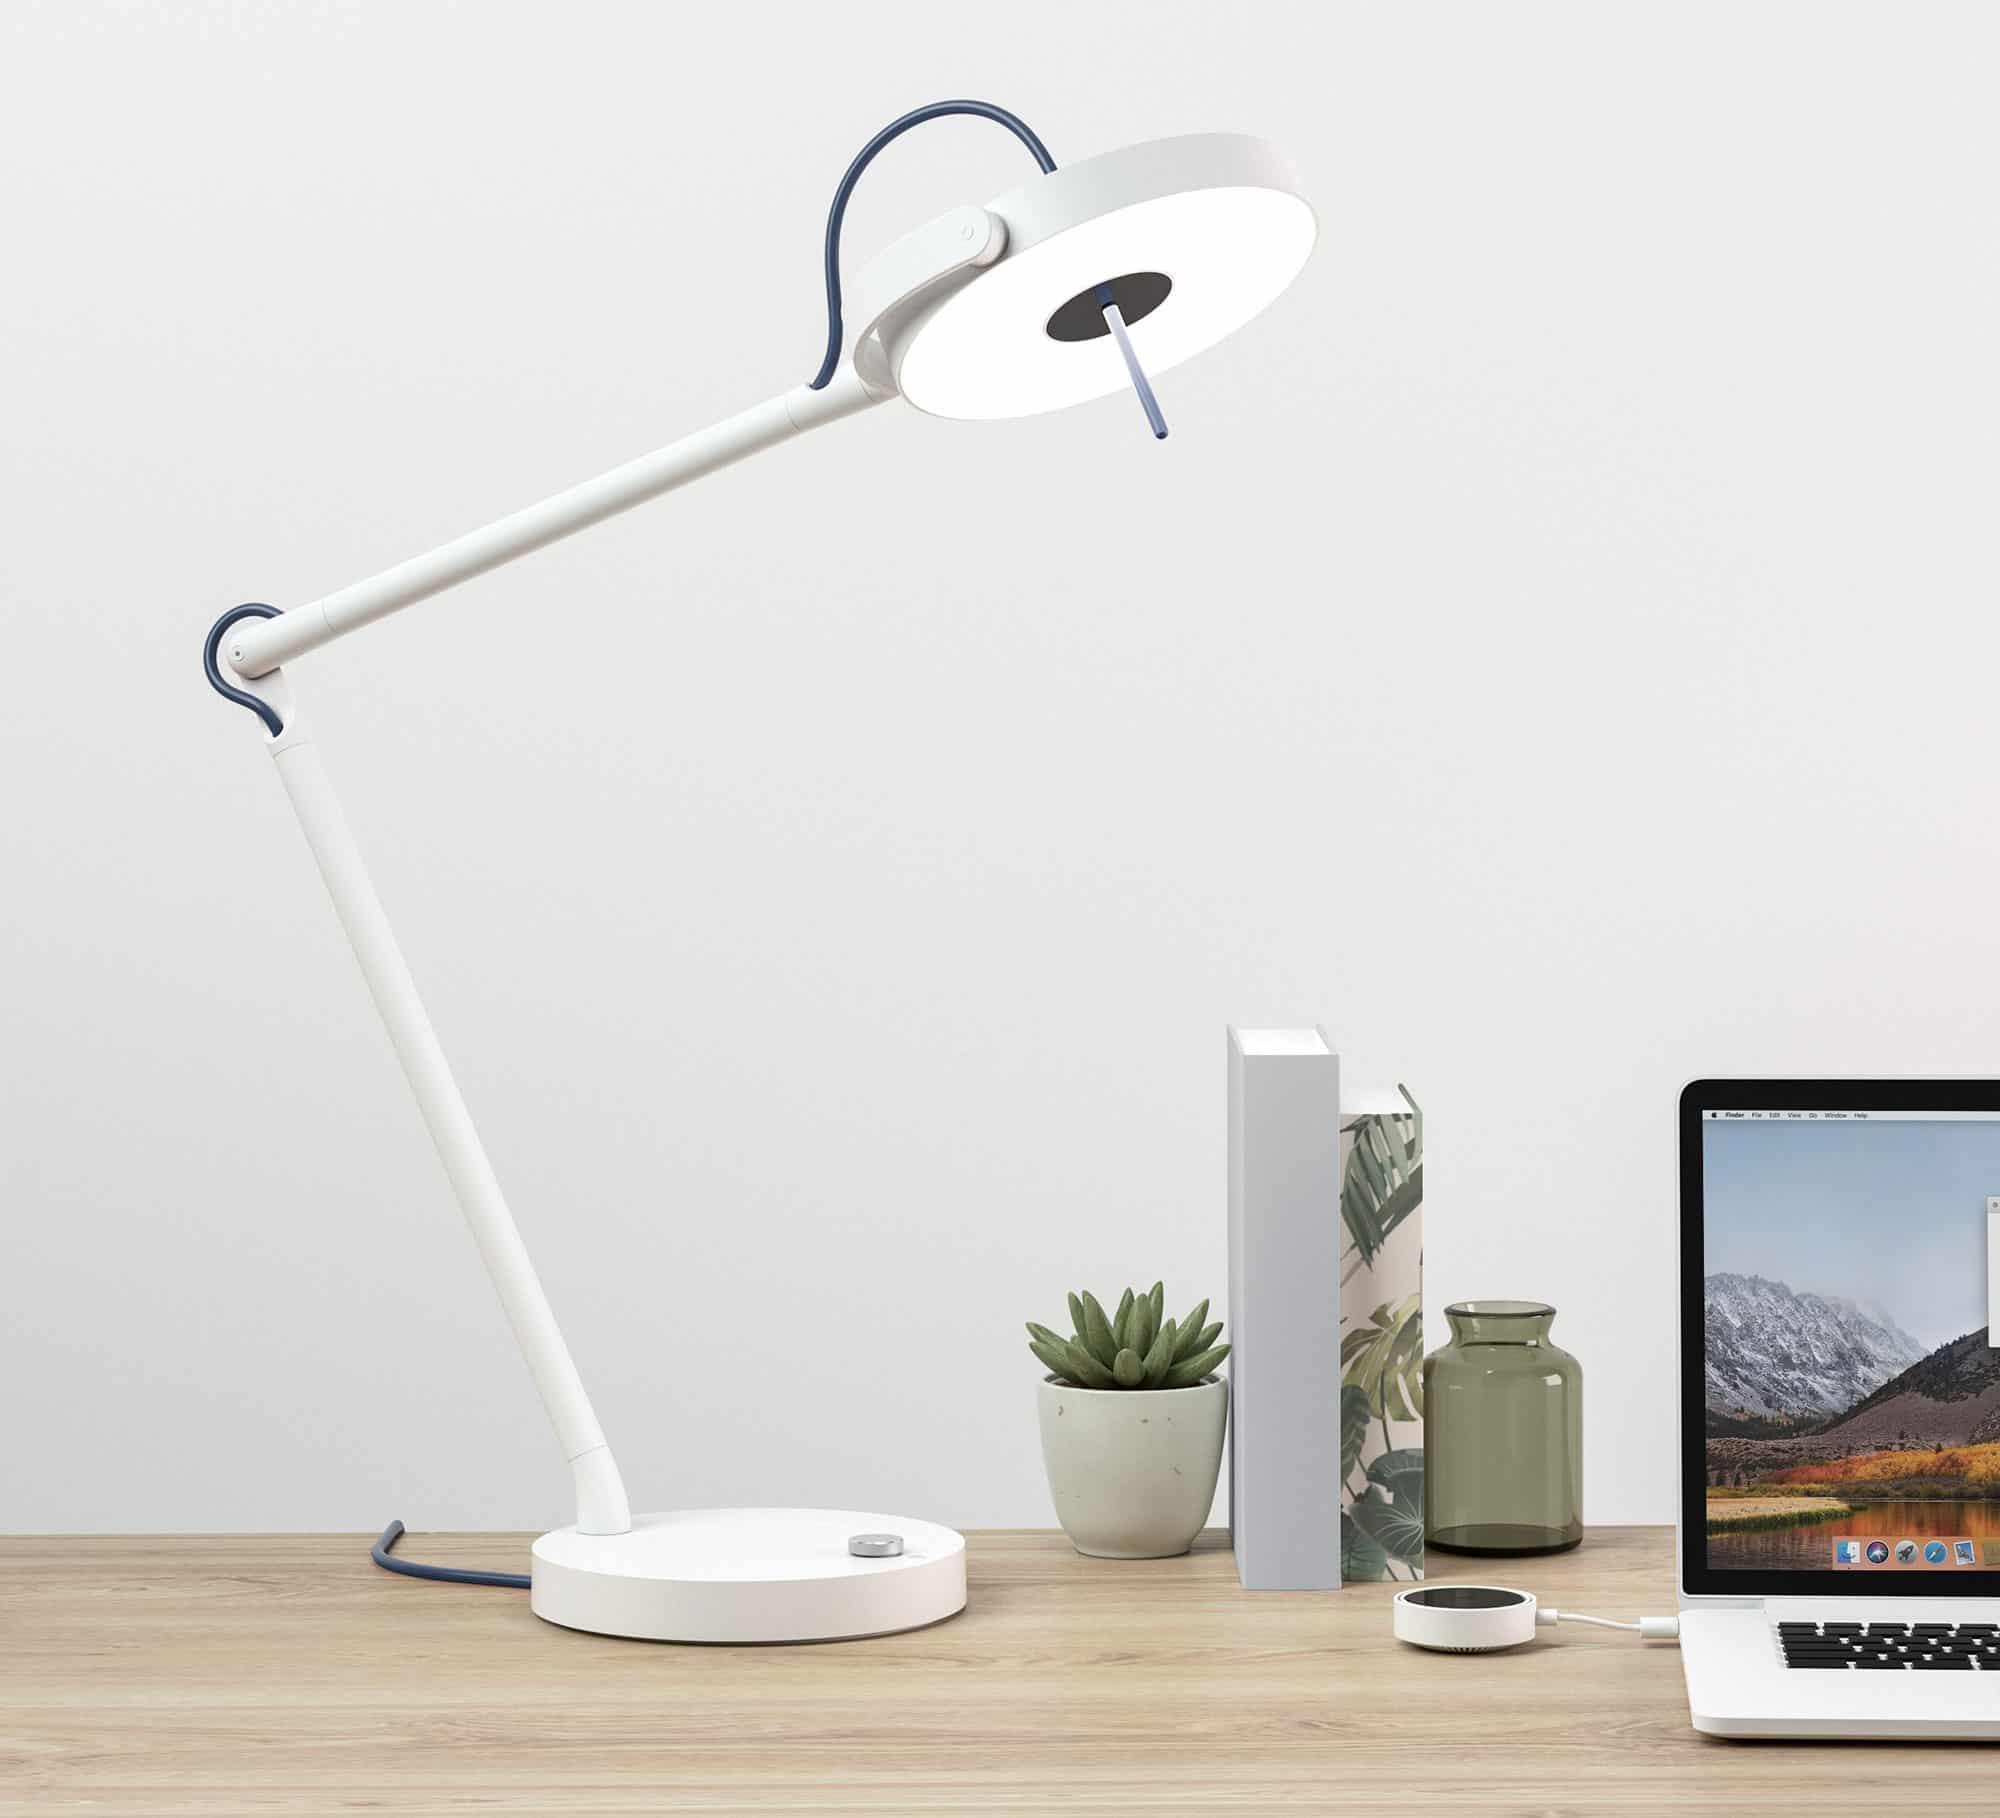 Mylifi La Premiere Lampe Lifi Qui Vous Connecte A Internet Par La